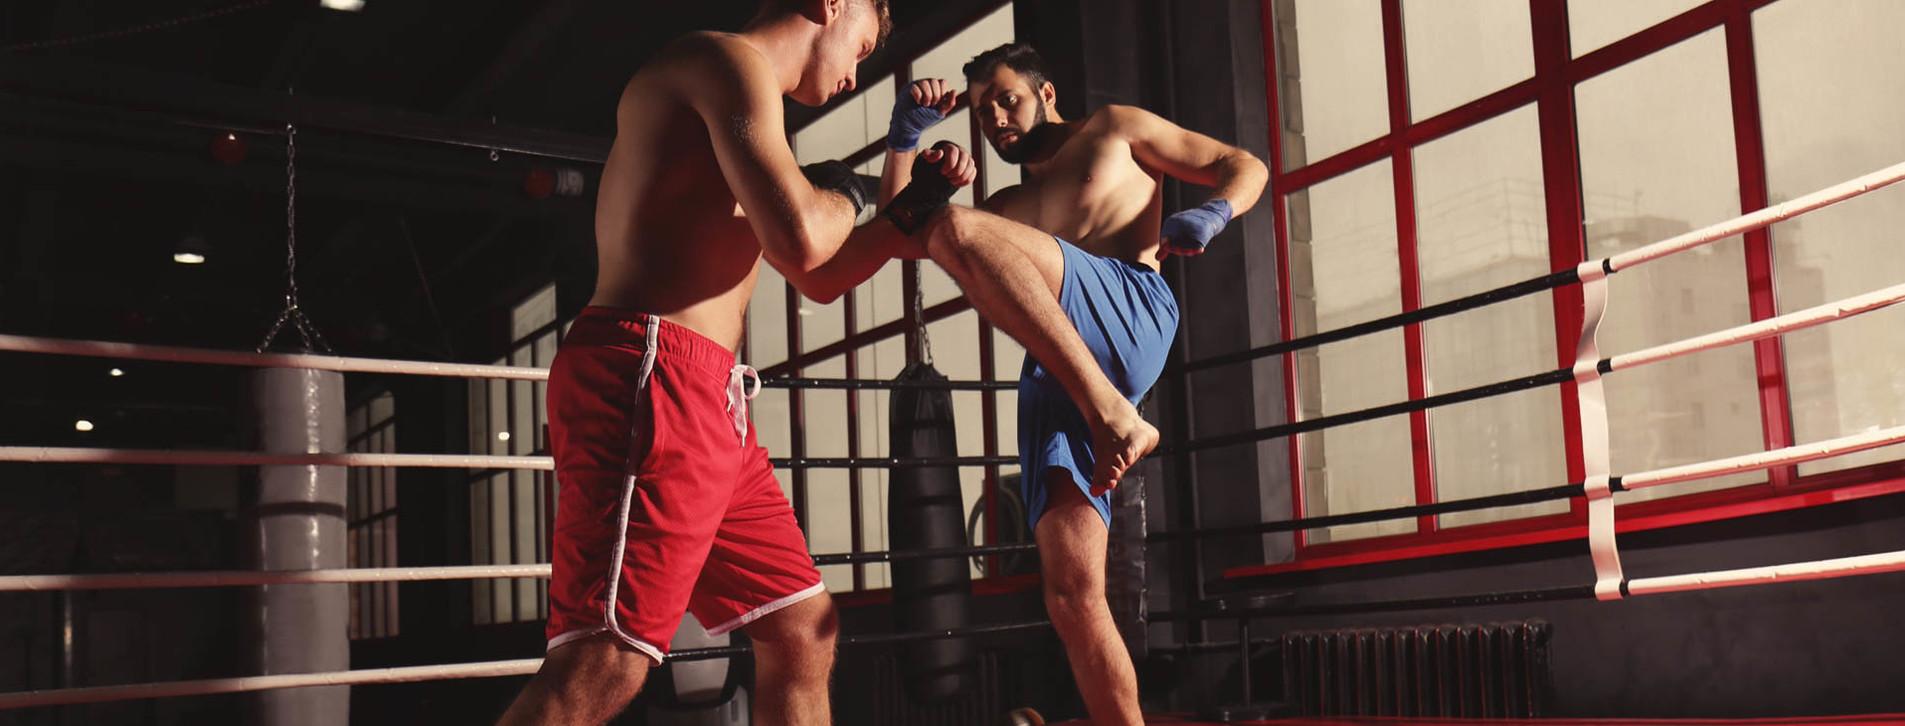 Фото 1 - Мастер-класс тайского бокса для двоих